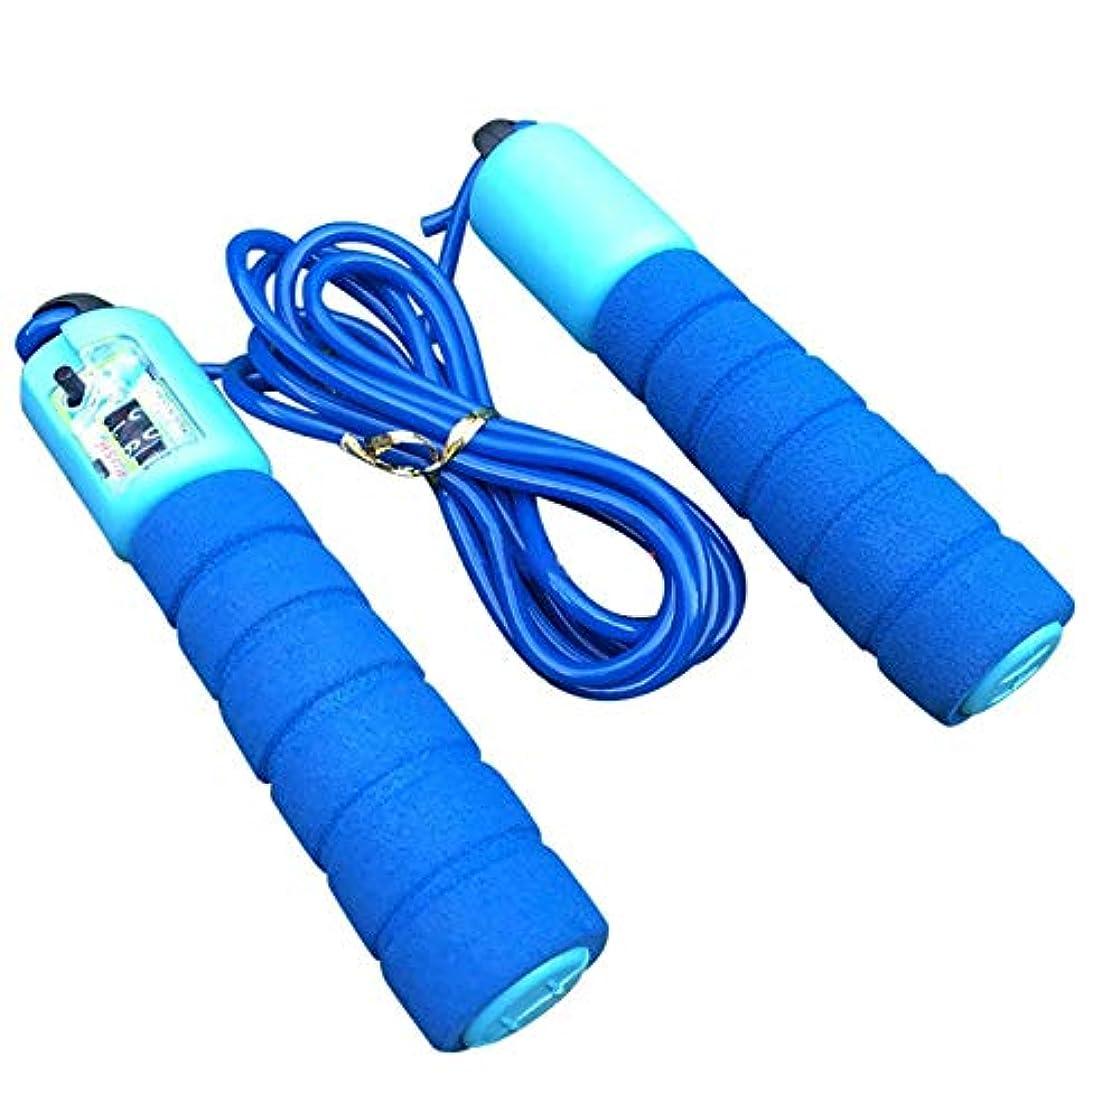 スロベニア発明するゴム調整可能なプロフェッショナルカウント縄跳び自動カウントジャンプロープフィットネス運動高速カウントジャンプロープ - 青